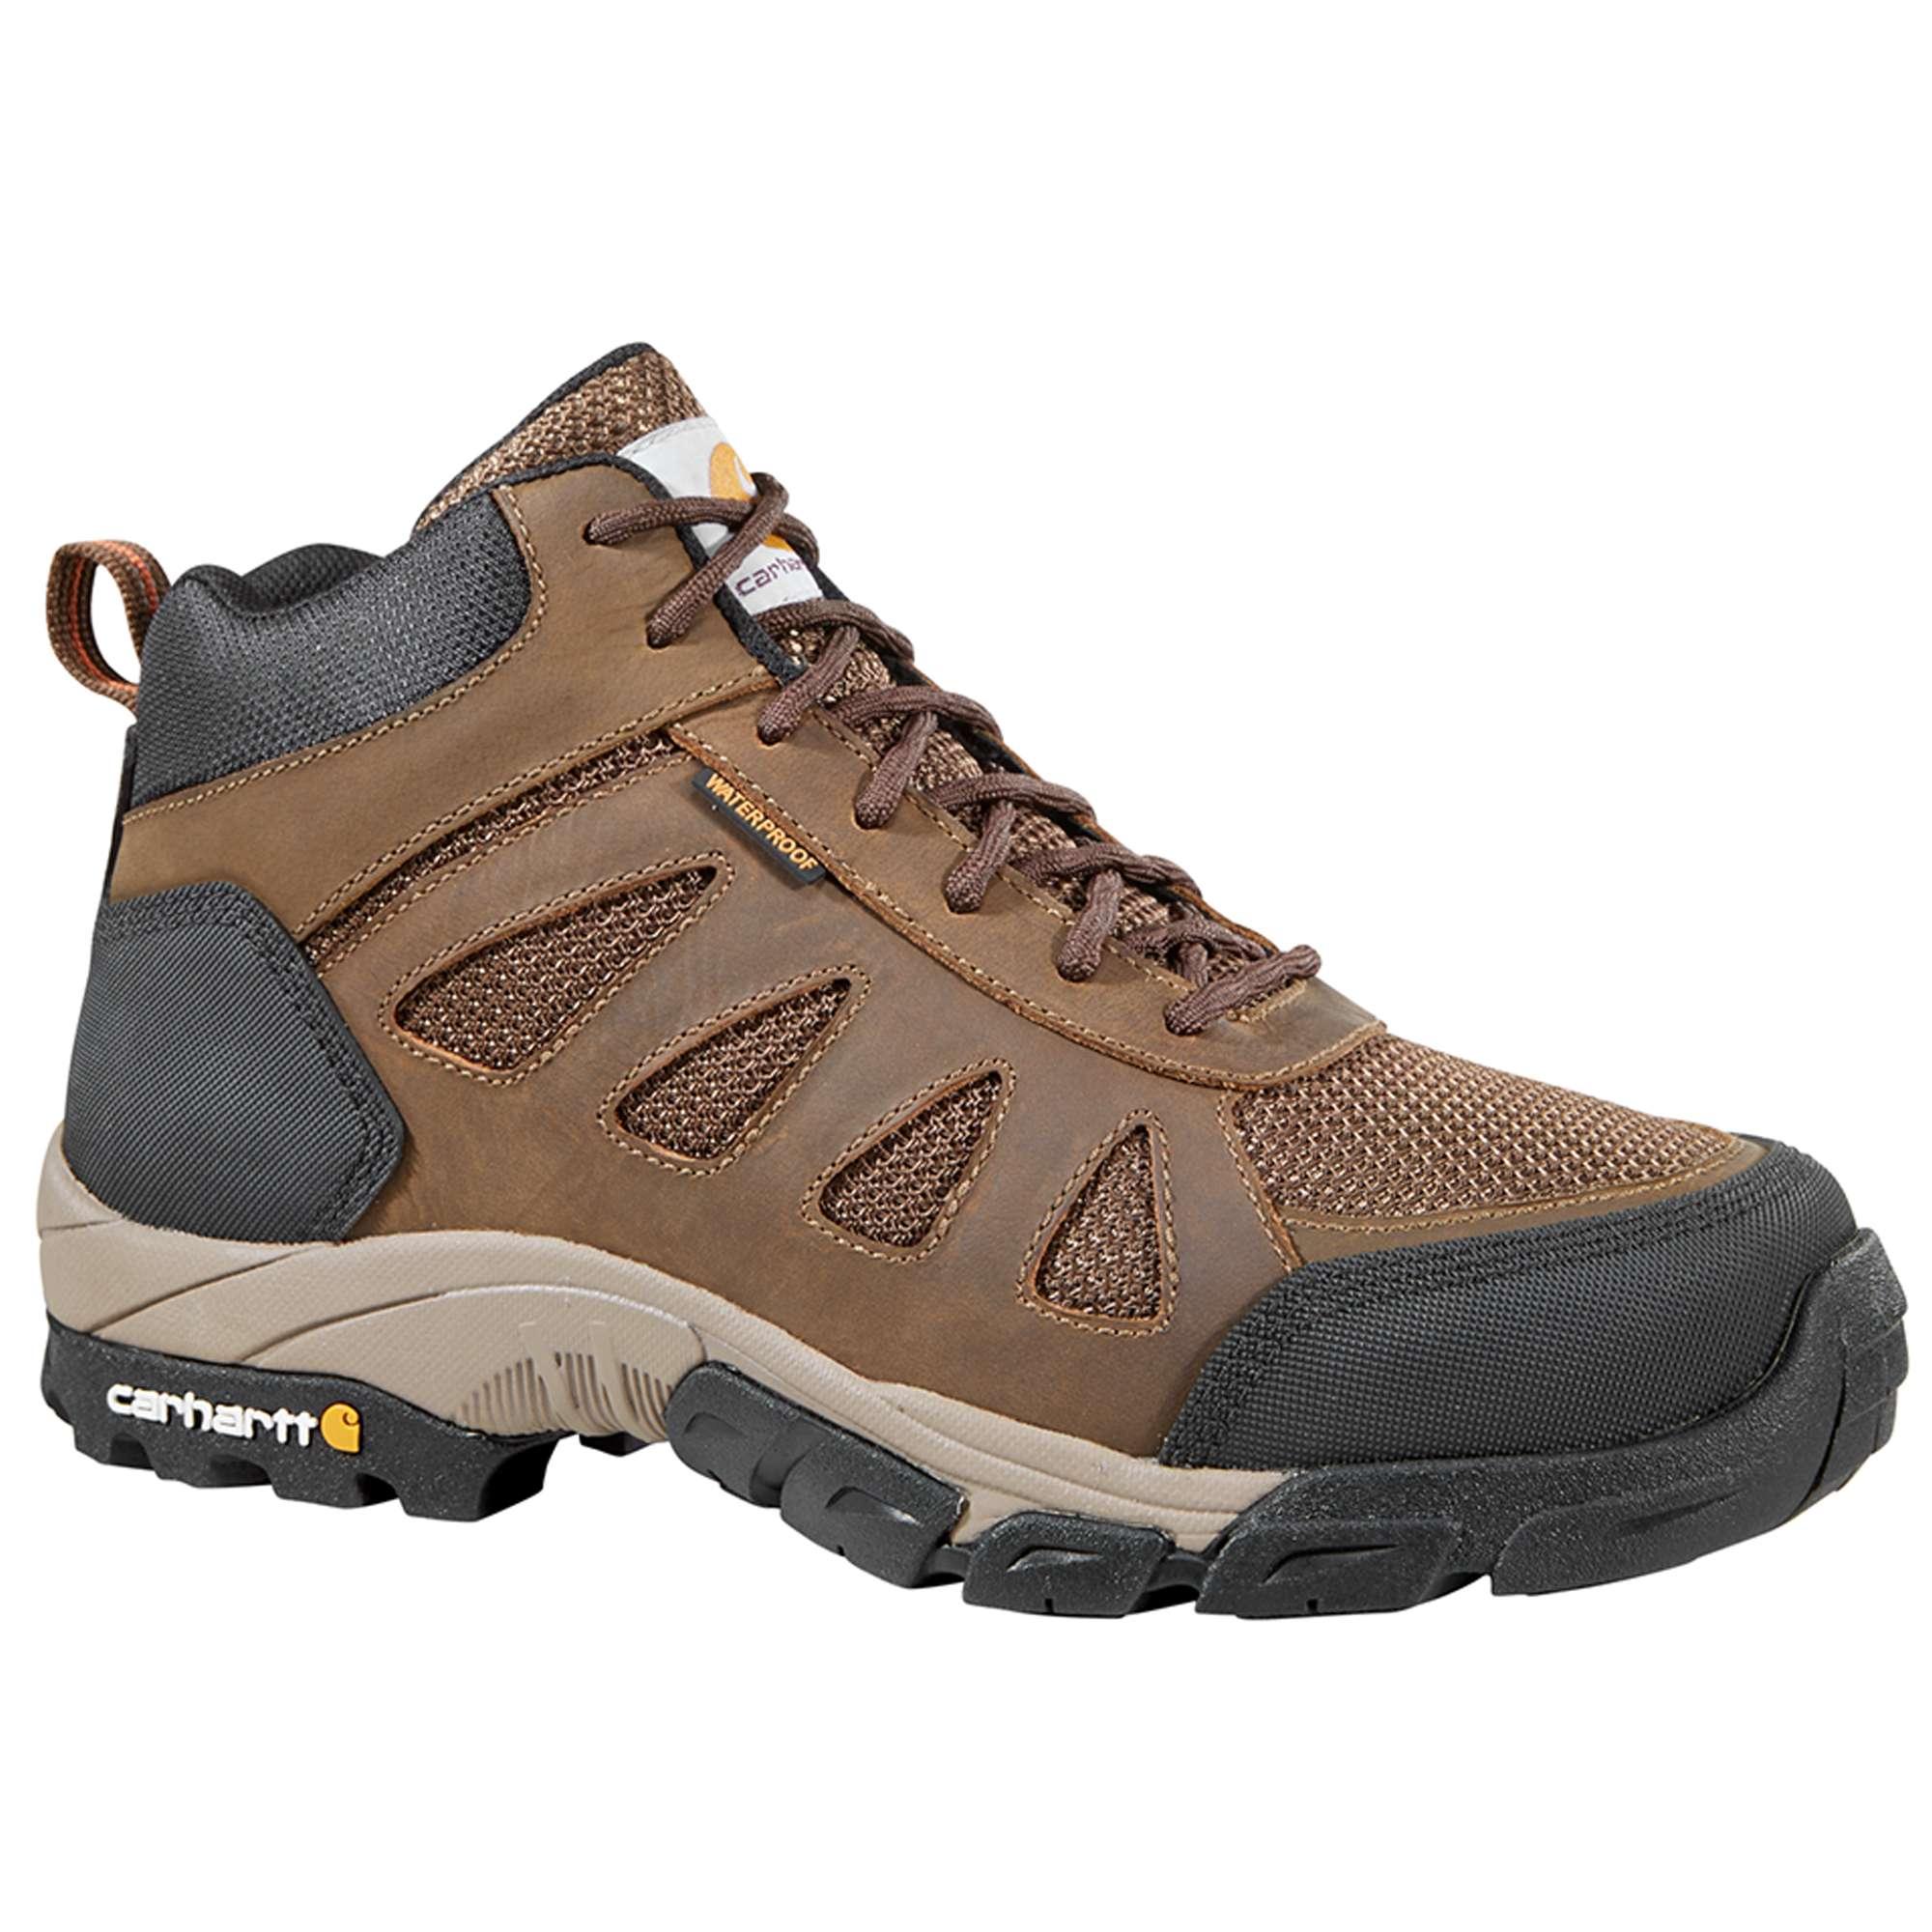 Carhartt Lightweight Non-Safety Toe Work Hiker